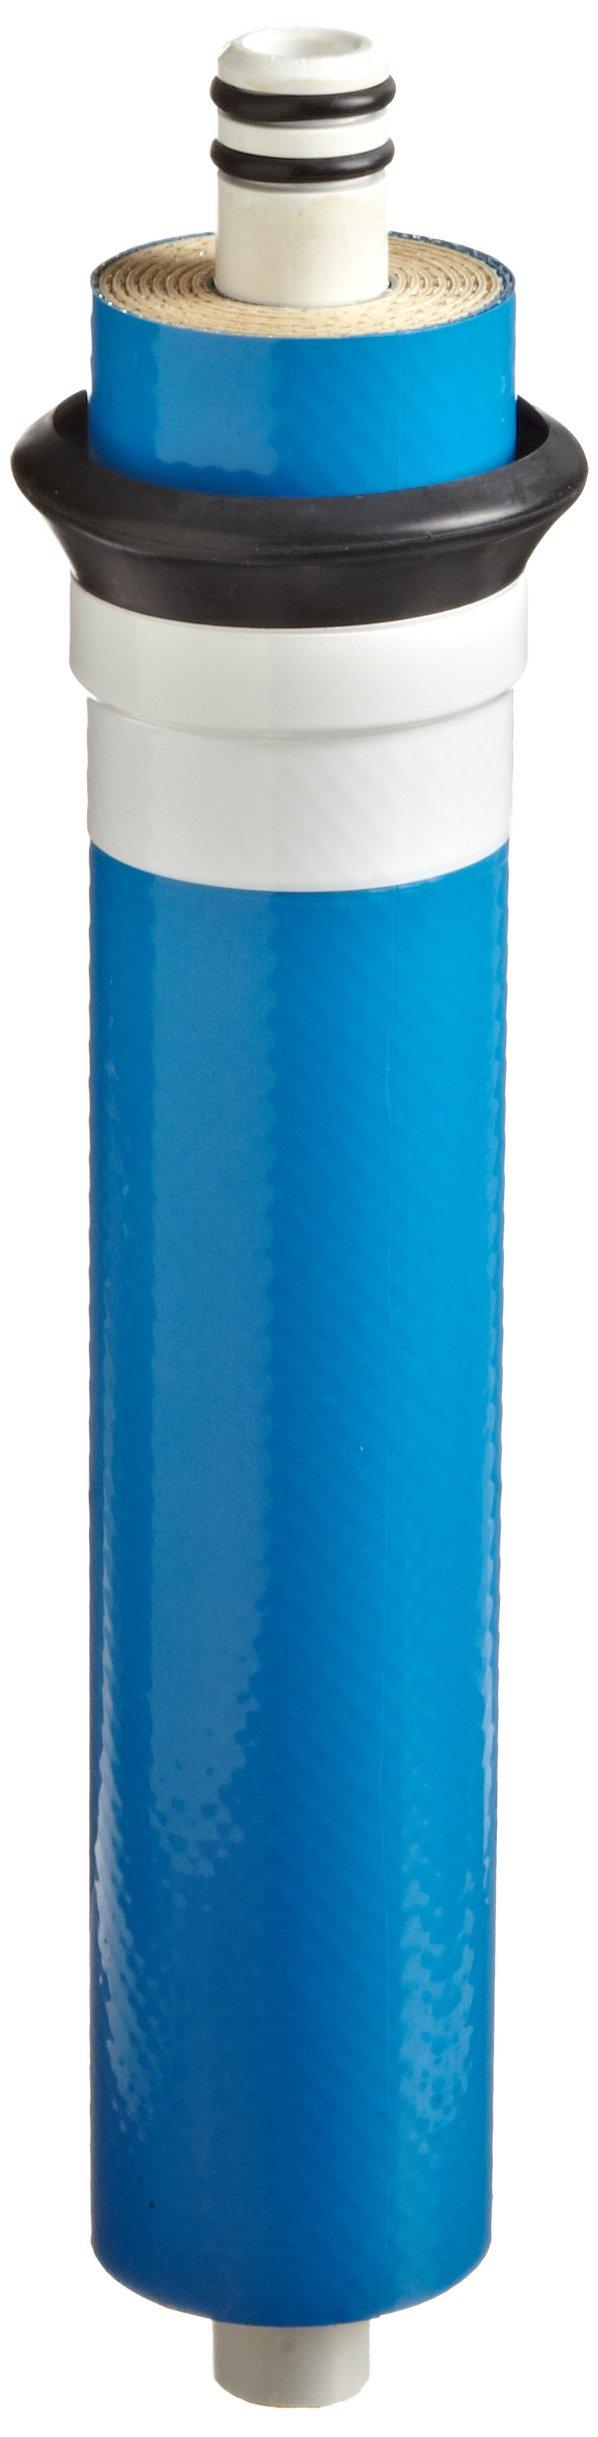 Pentek ROM-230T Reverse Osmosis Membrane